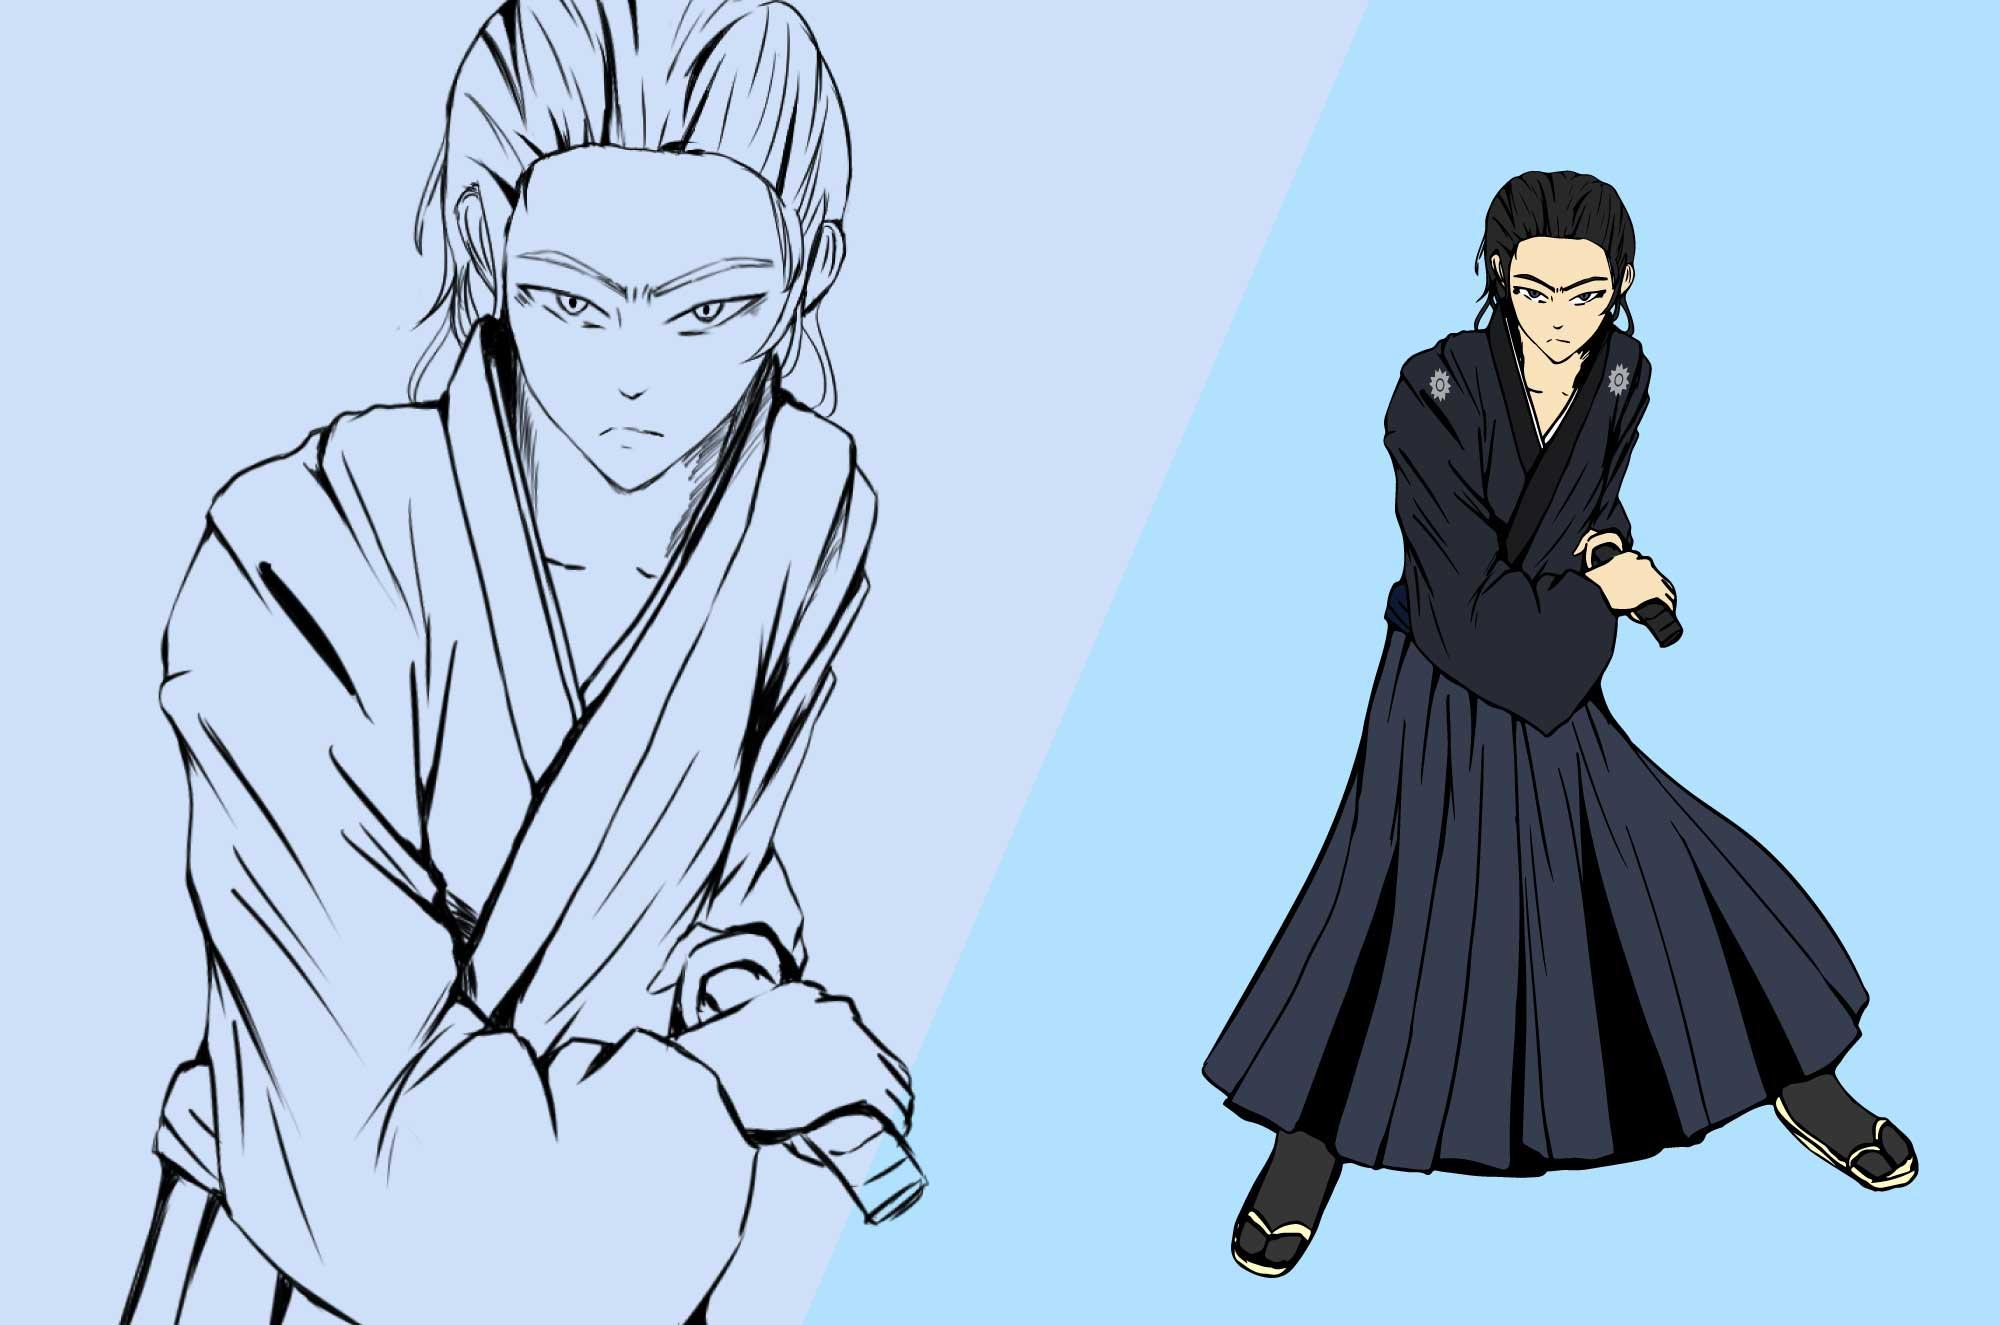 坂本龍馬のフリーイラスト - 歴史の人物キャラクター